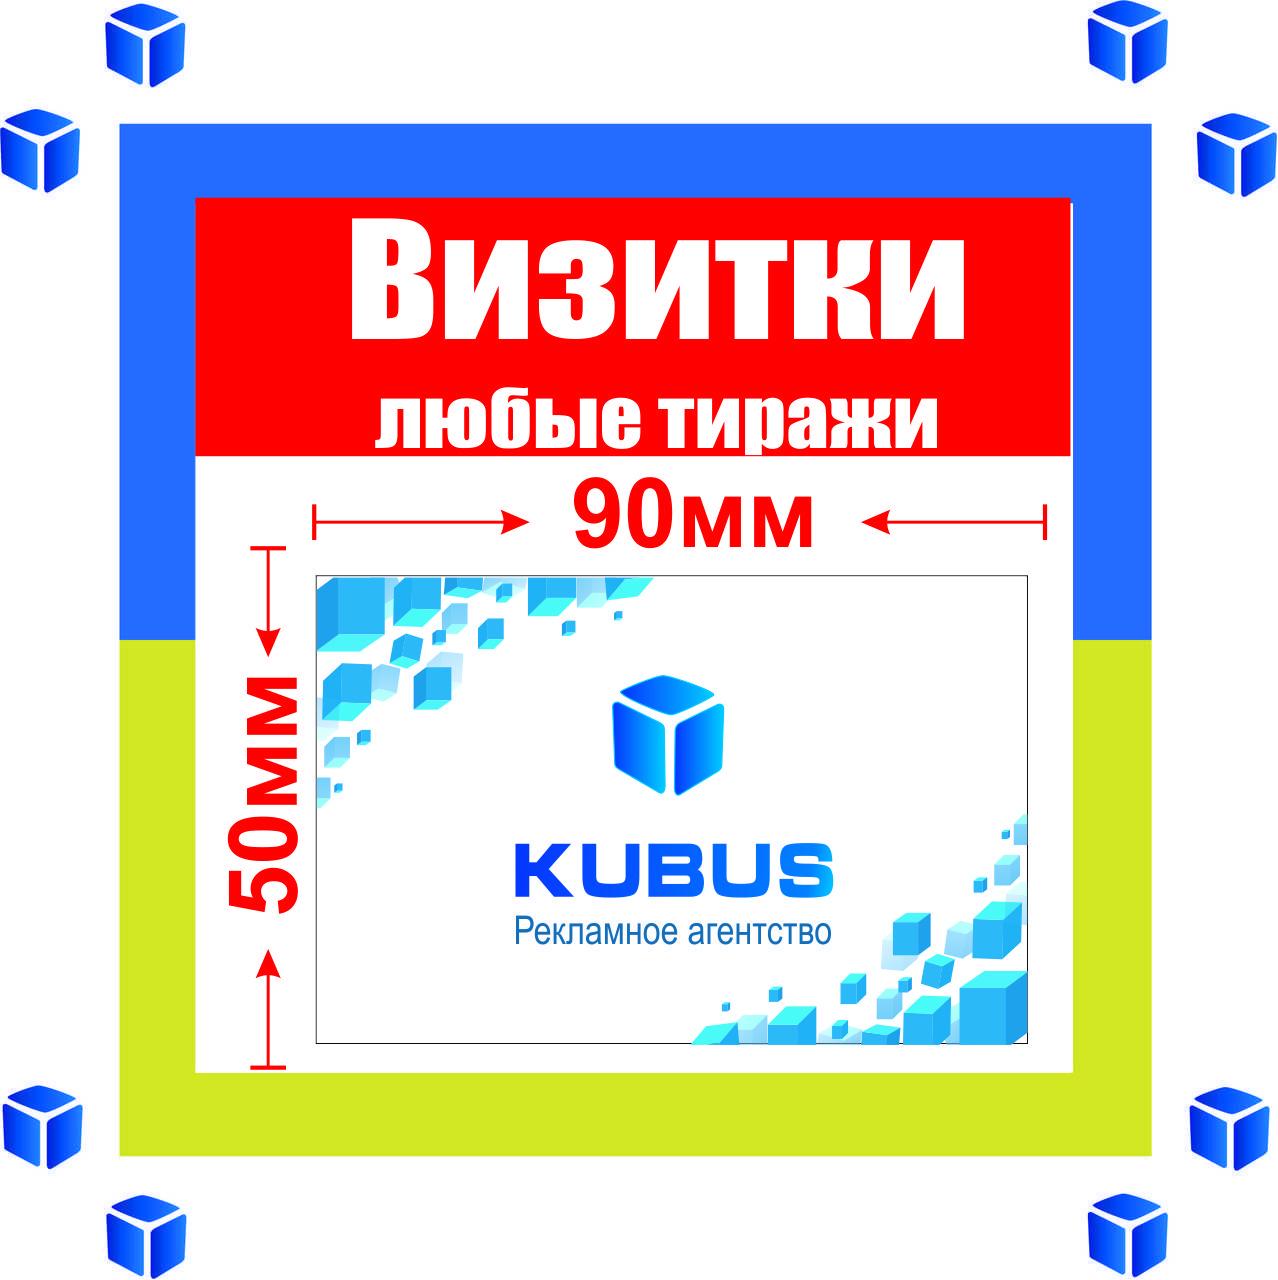 Визитки цветные двухсторонние 10 000 шт(любые тиражи, защитный лак матовый/ 2 дня )